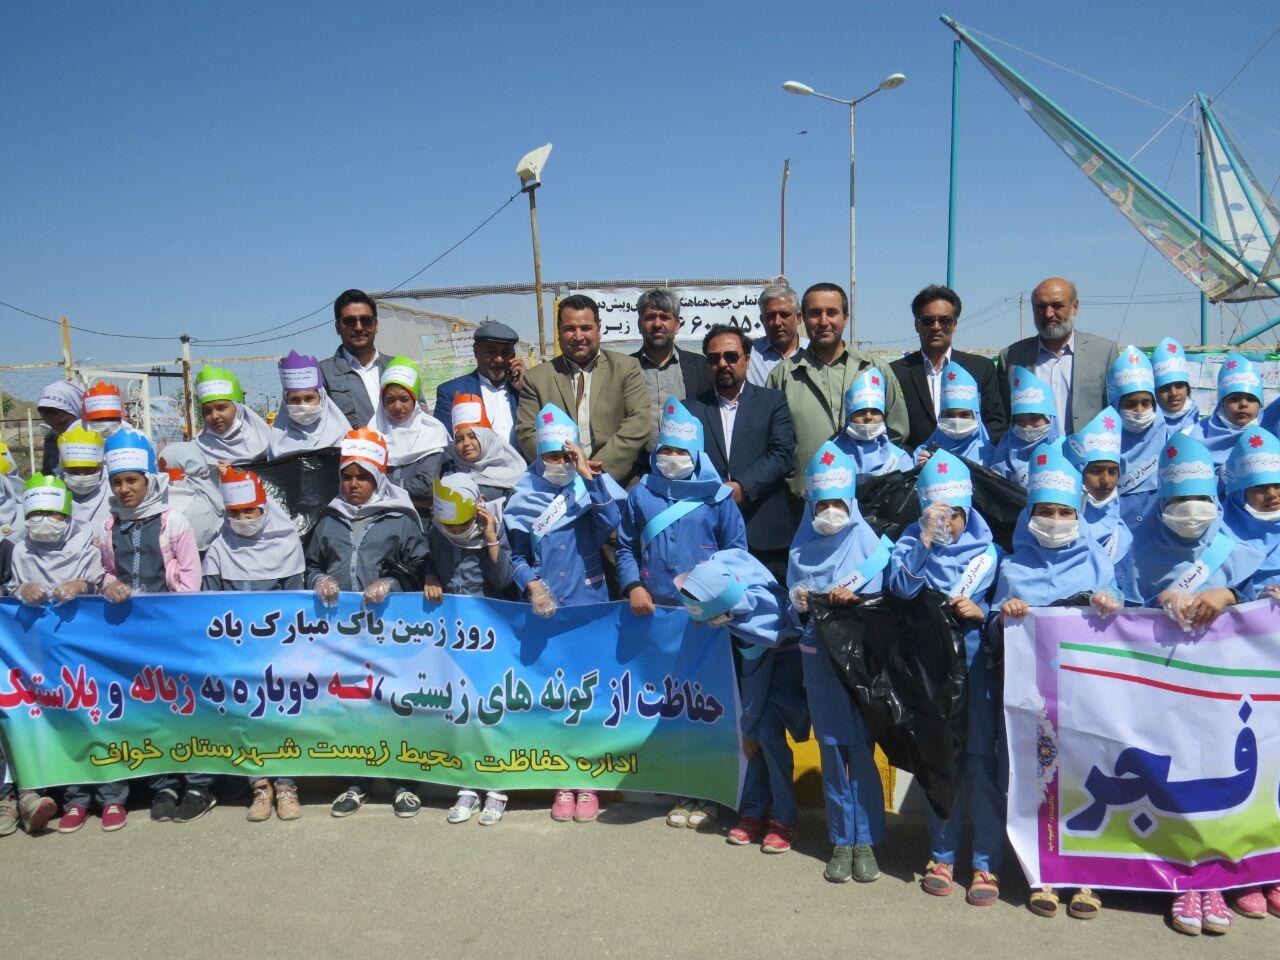 برگزاری مراسم روز زمین پاک در شهرستان خواف با عنوان نهضت دوباره بی زباله